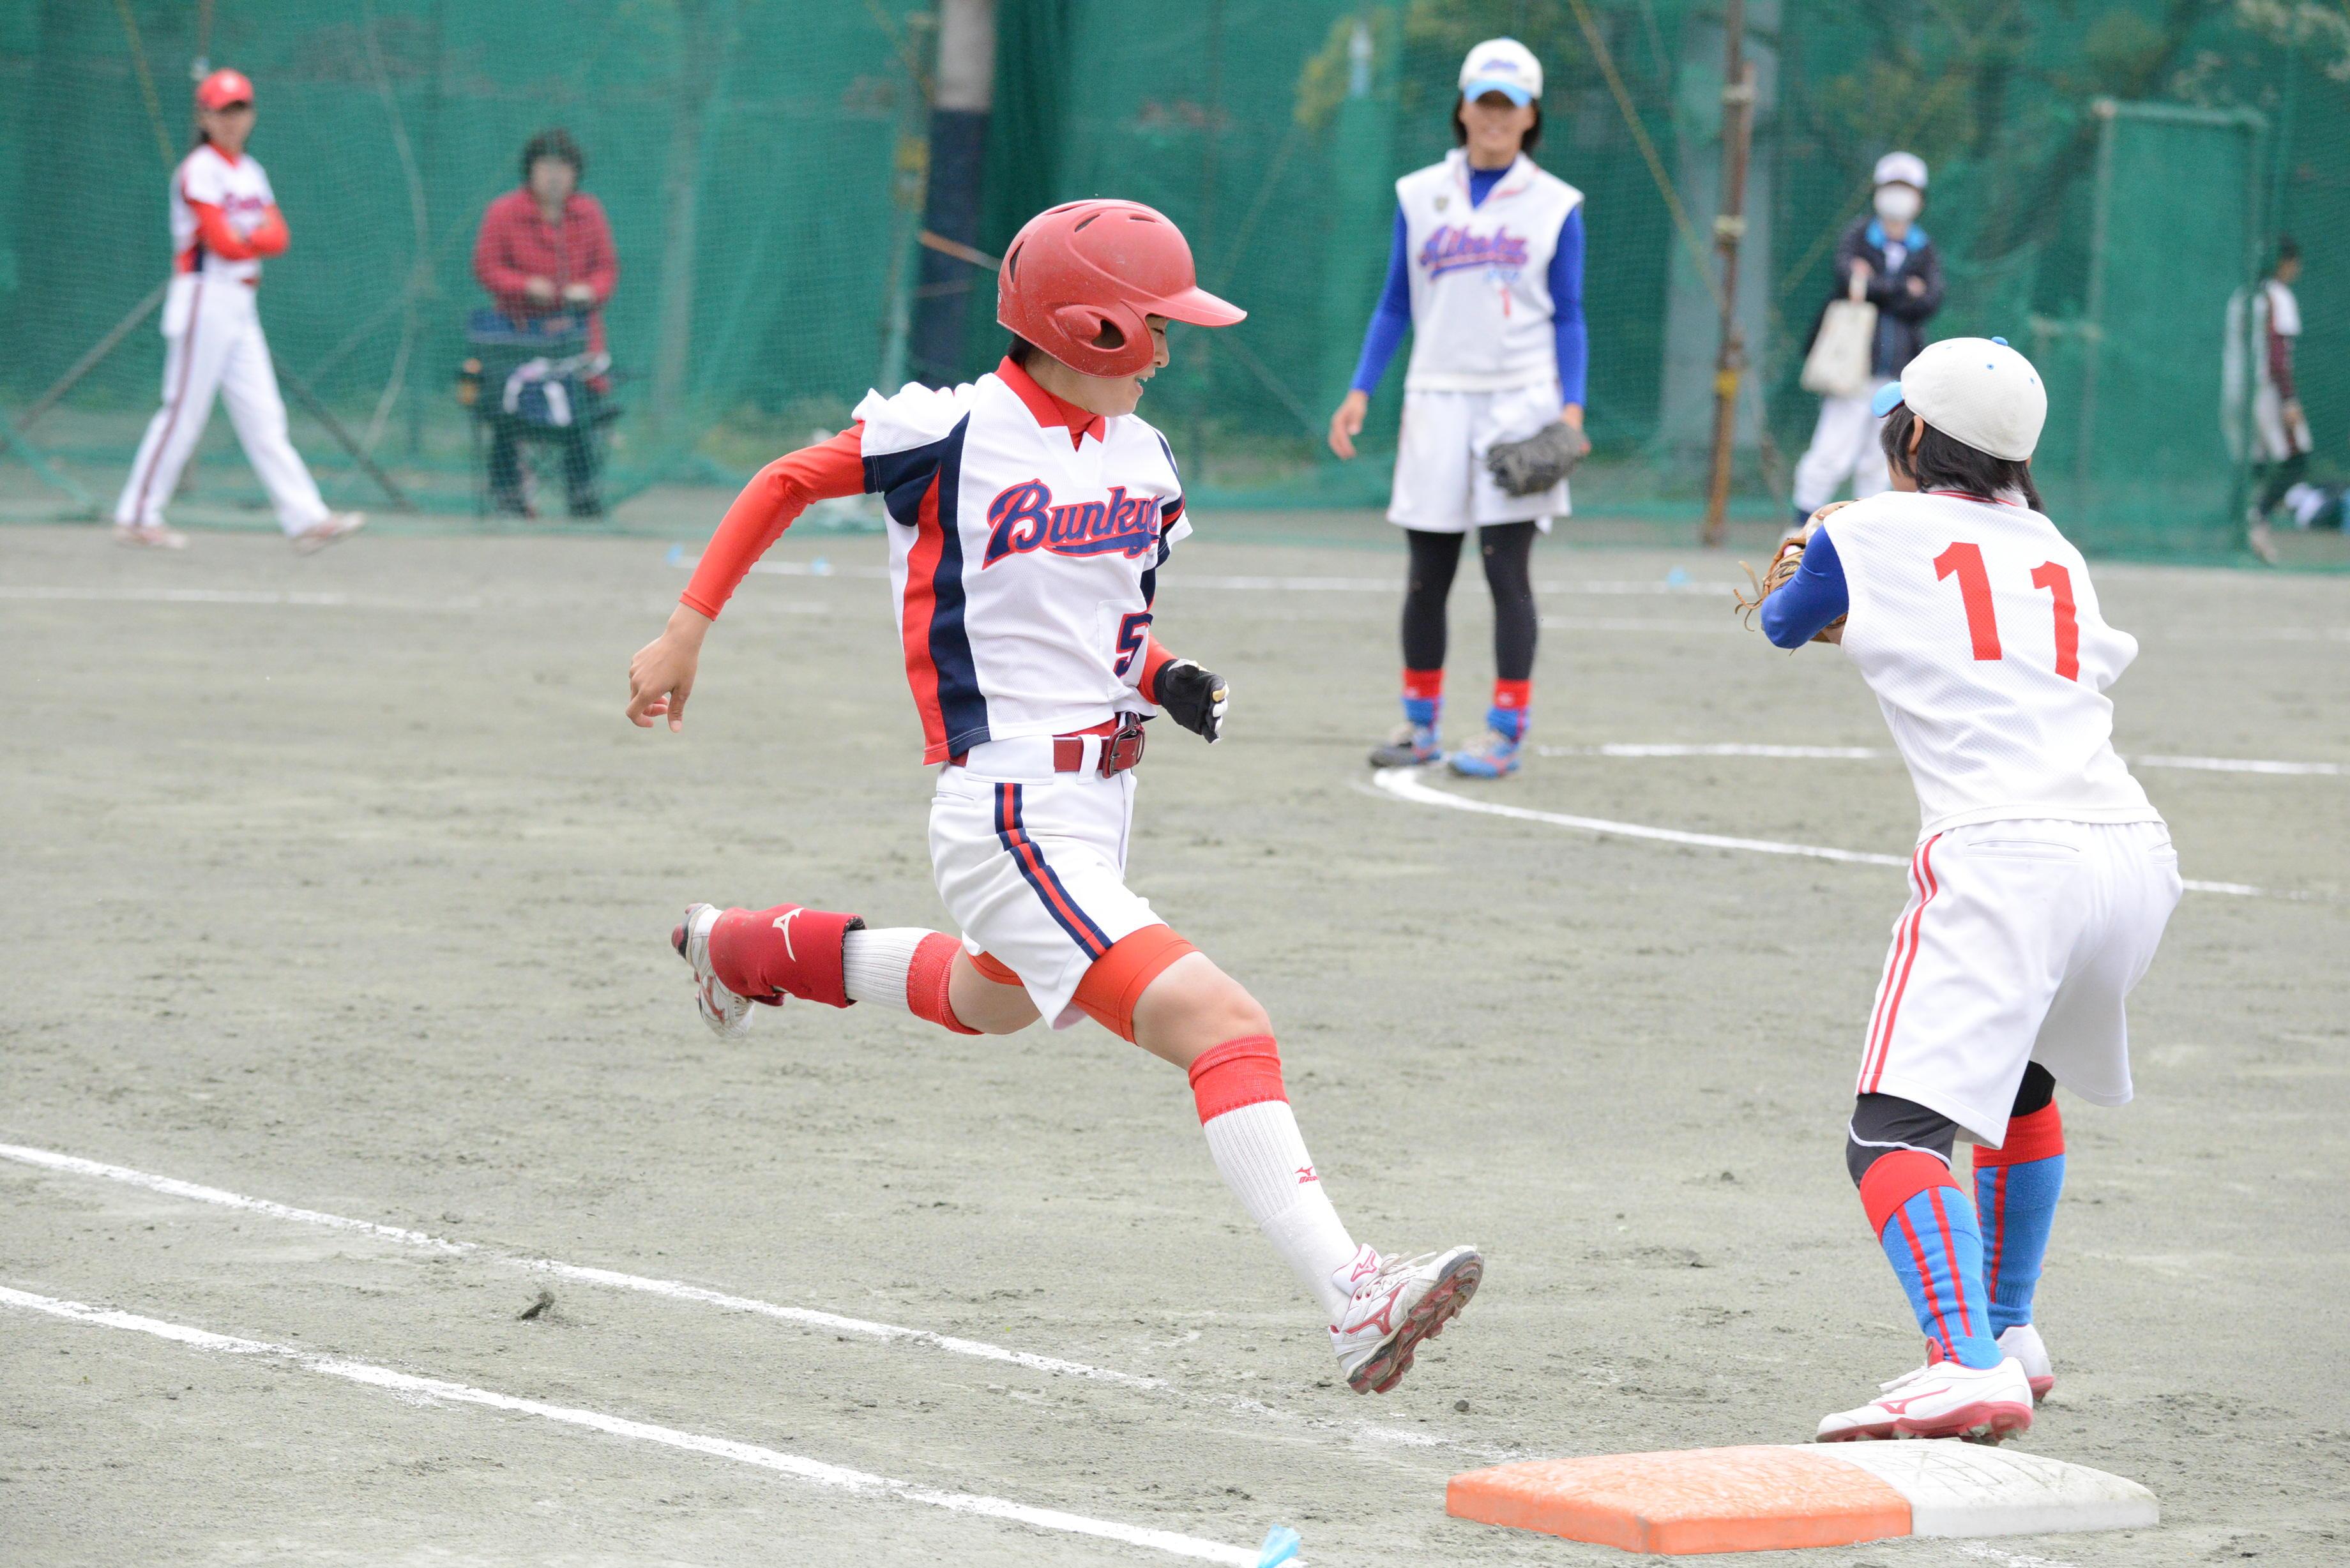 softballsyunki1.JPG